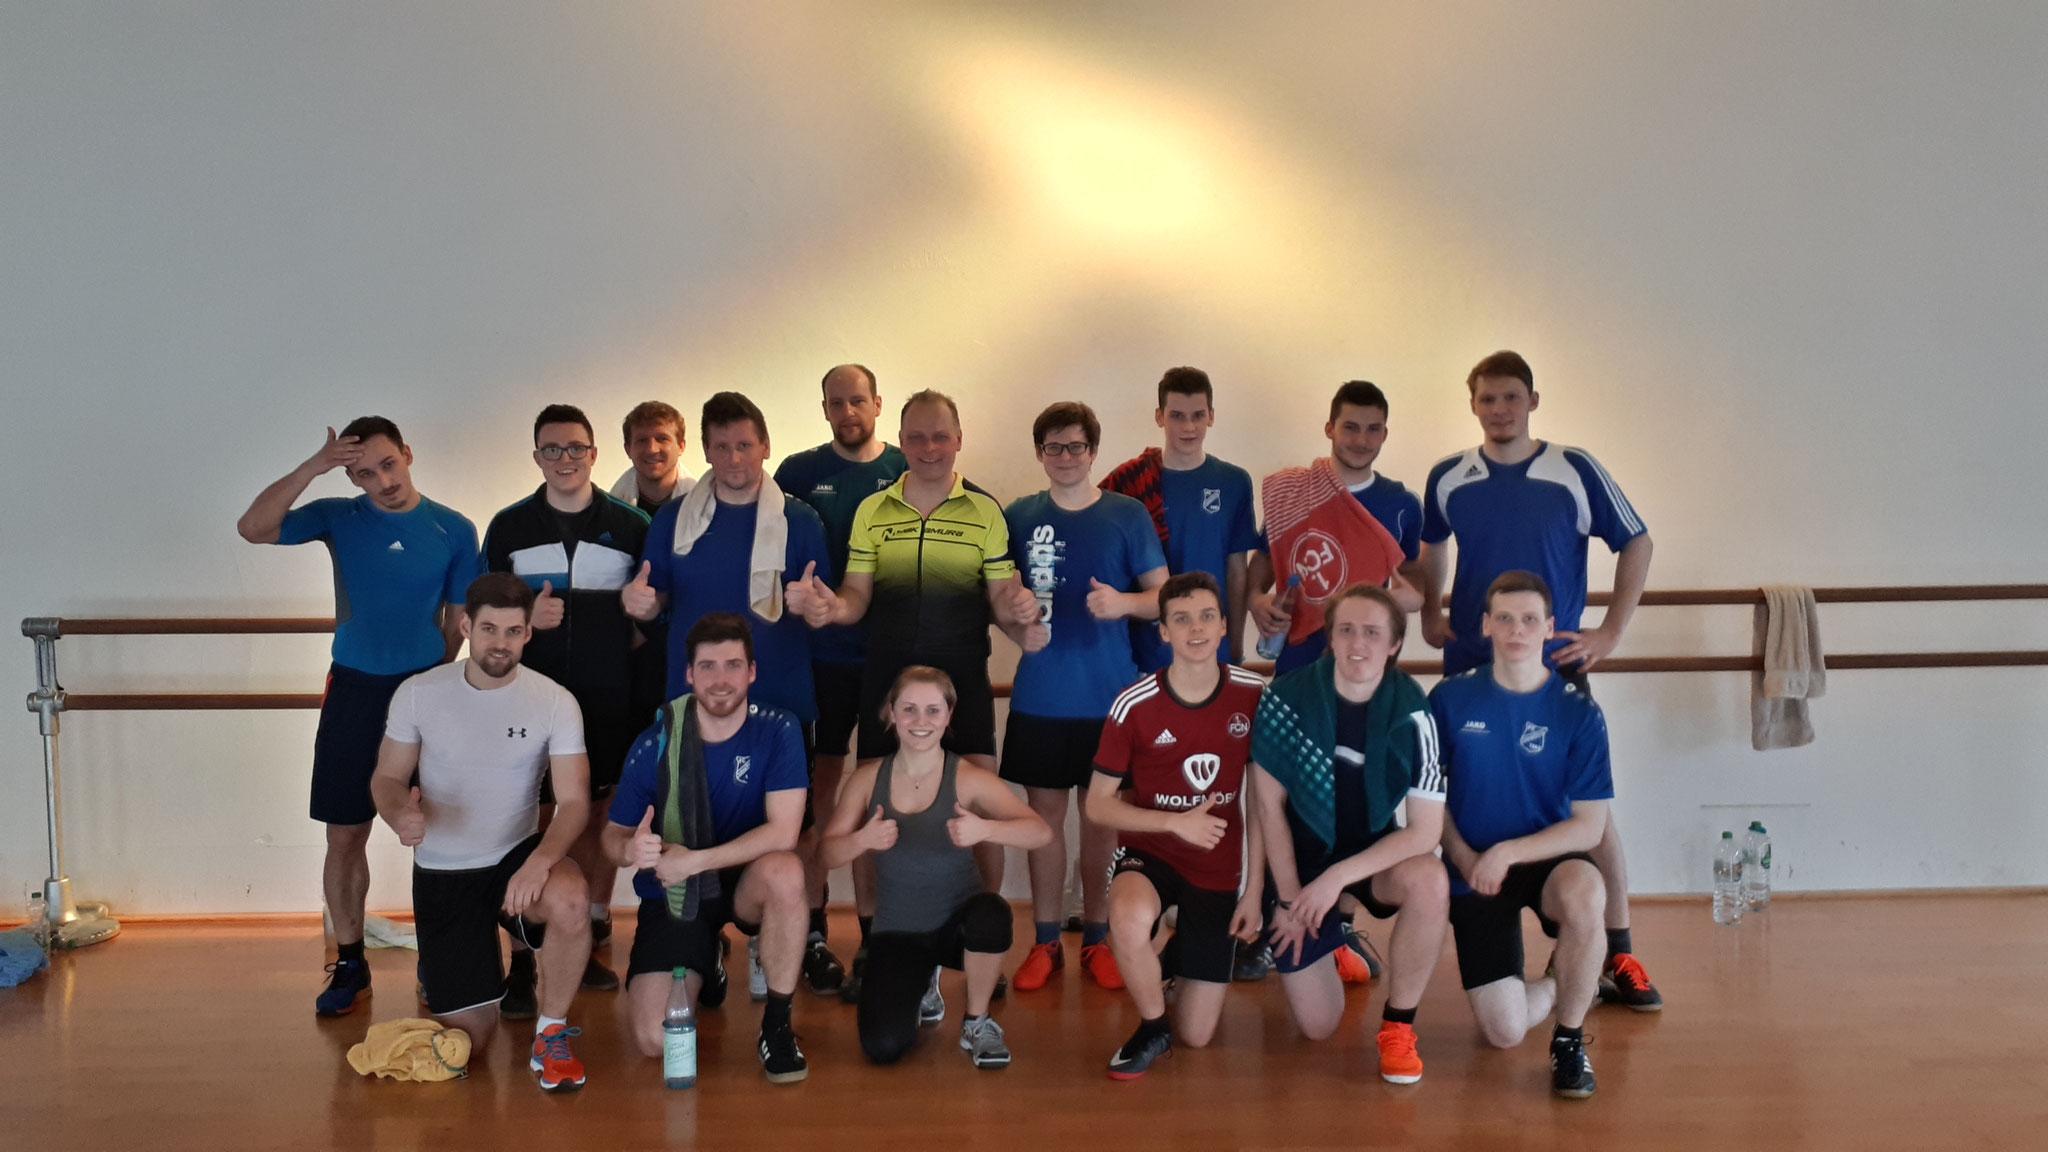 Spinning im CTK: Ausgelaugt und am Ende sind die Männer des FC Erzberg-Wörnitz. Nach dem Spinning ging es in die Sauna. Erholung war angesagt!